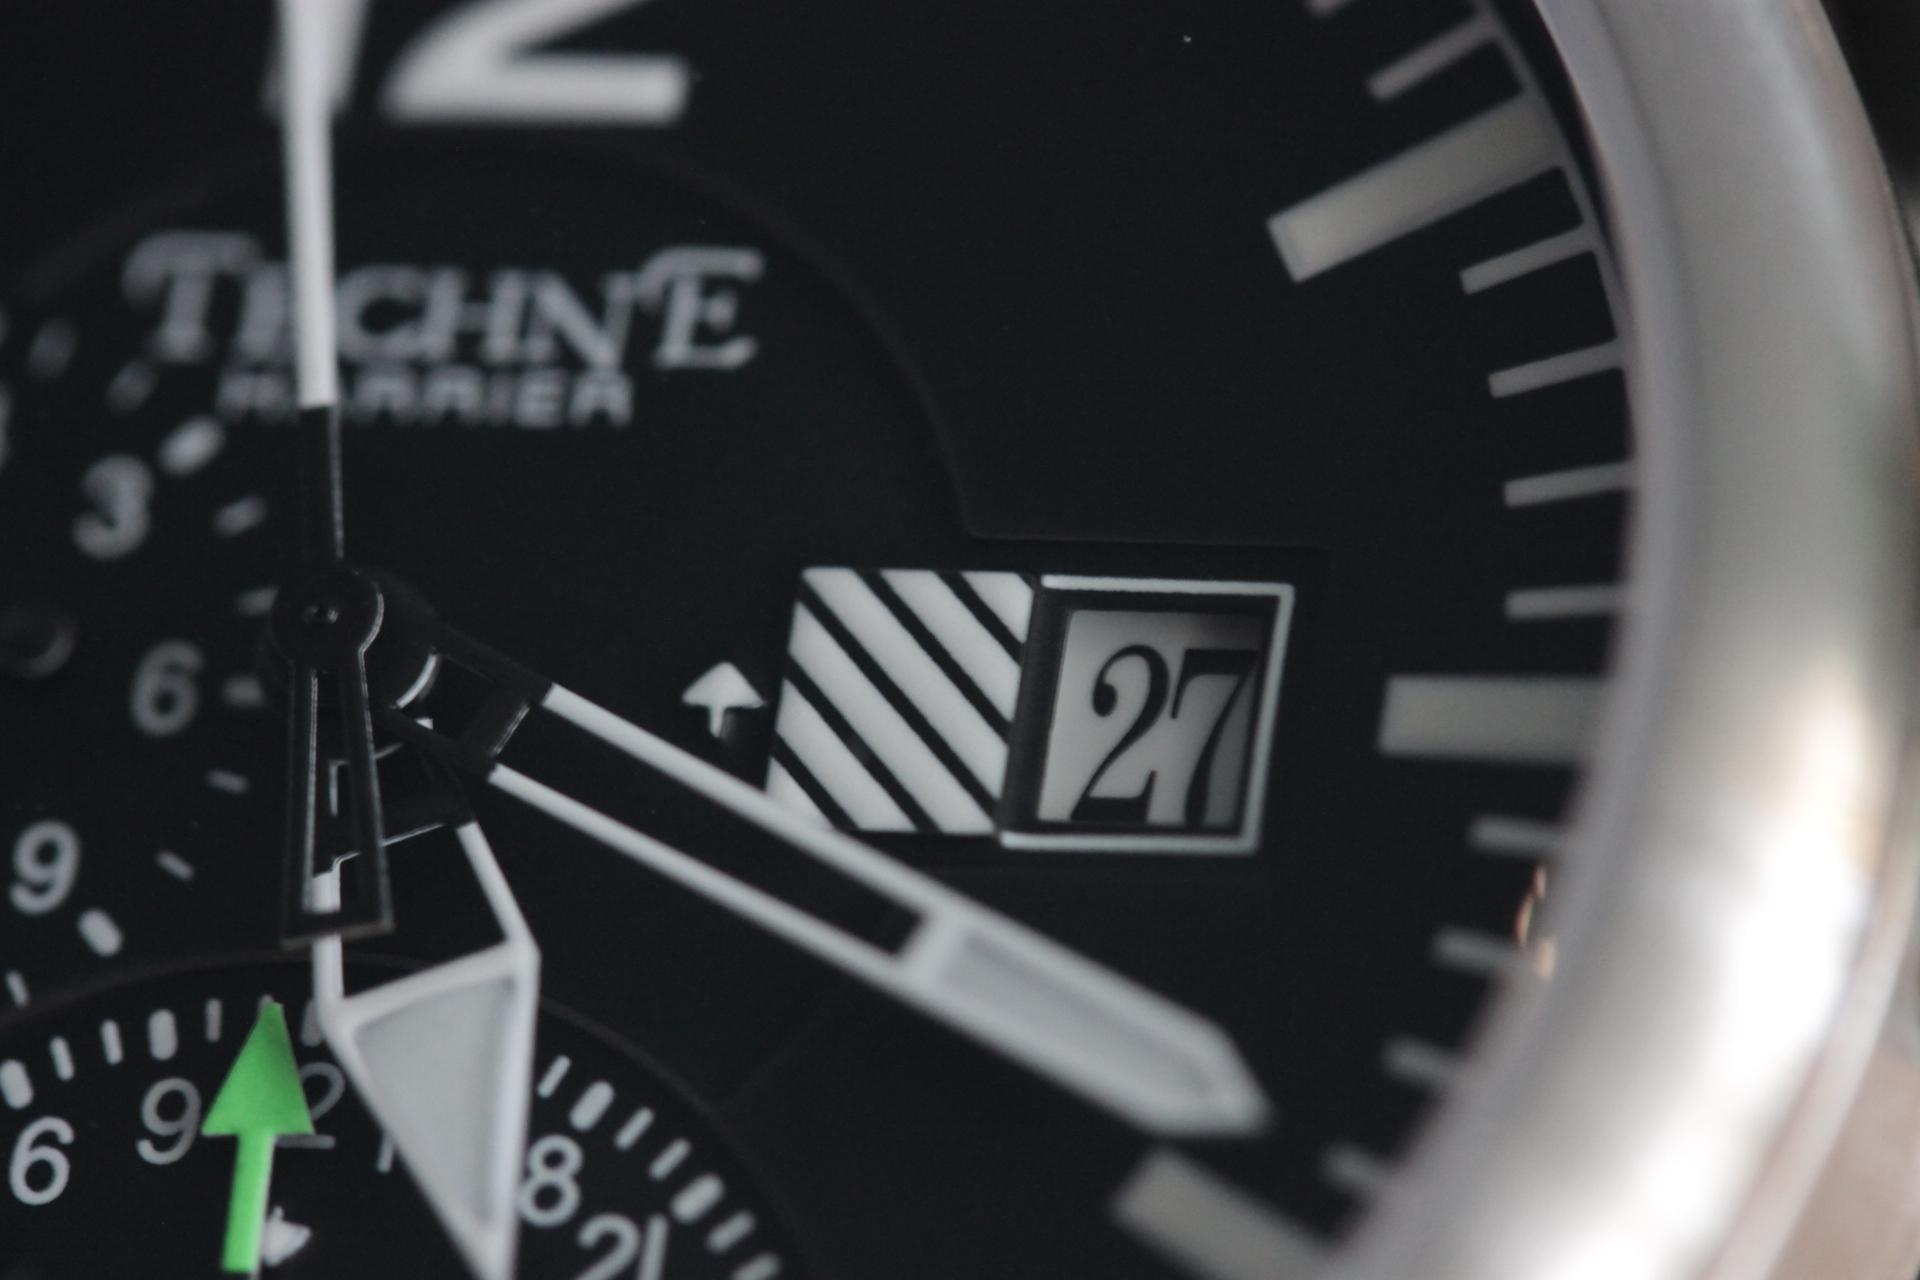 Итоговый обзор часов Techne Harrier Ref. 392